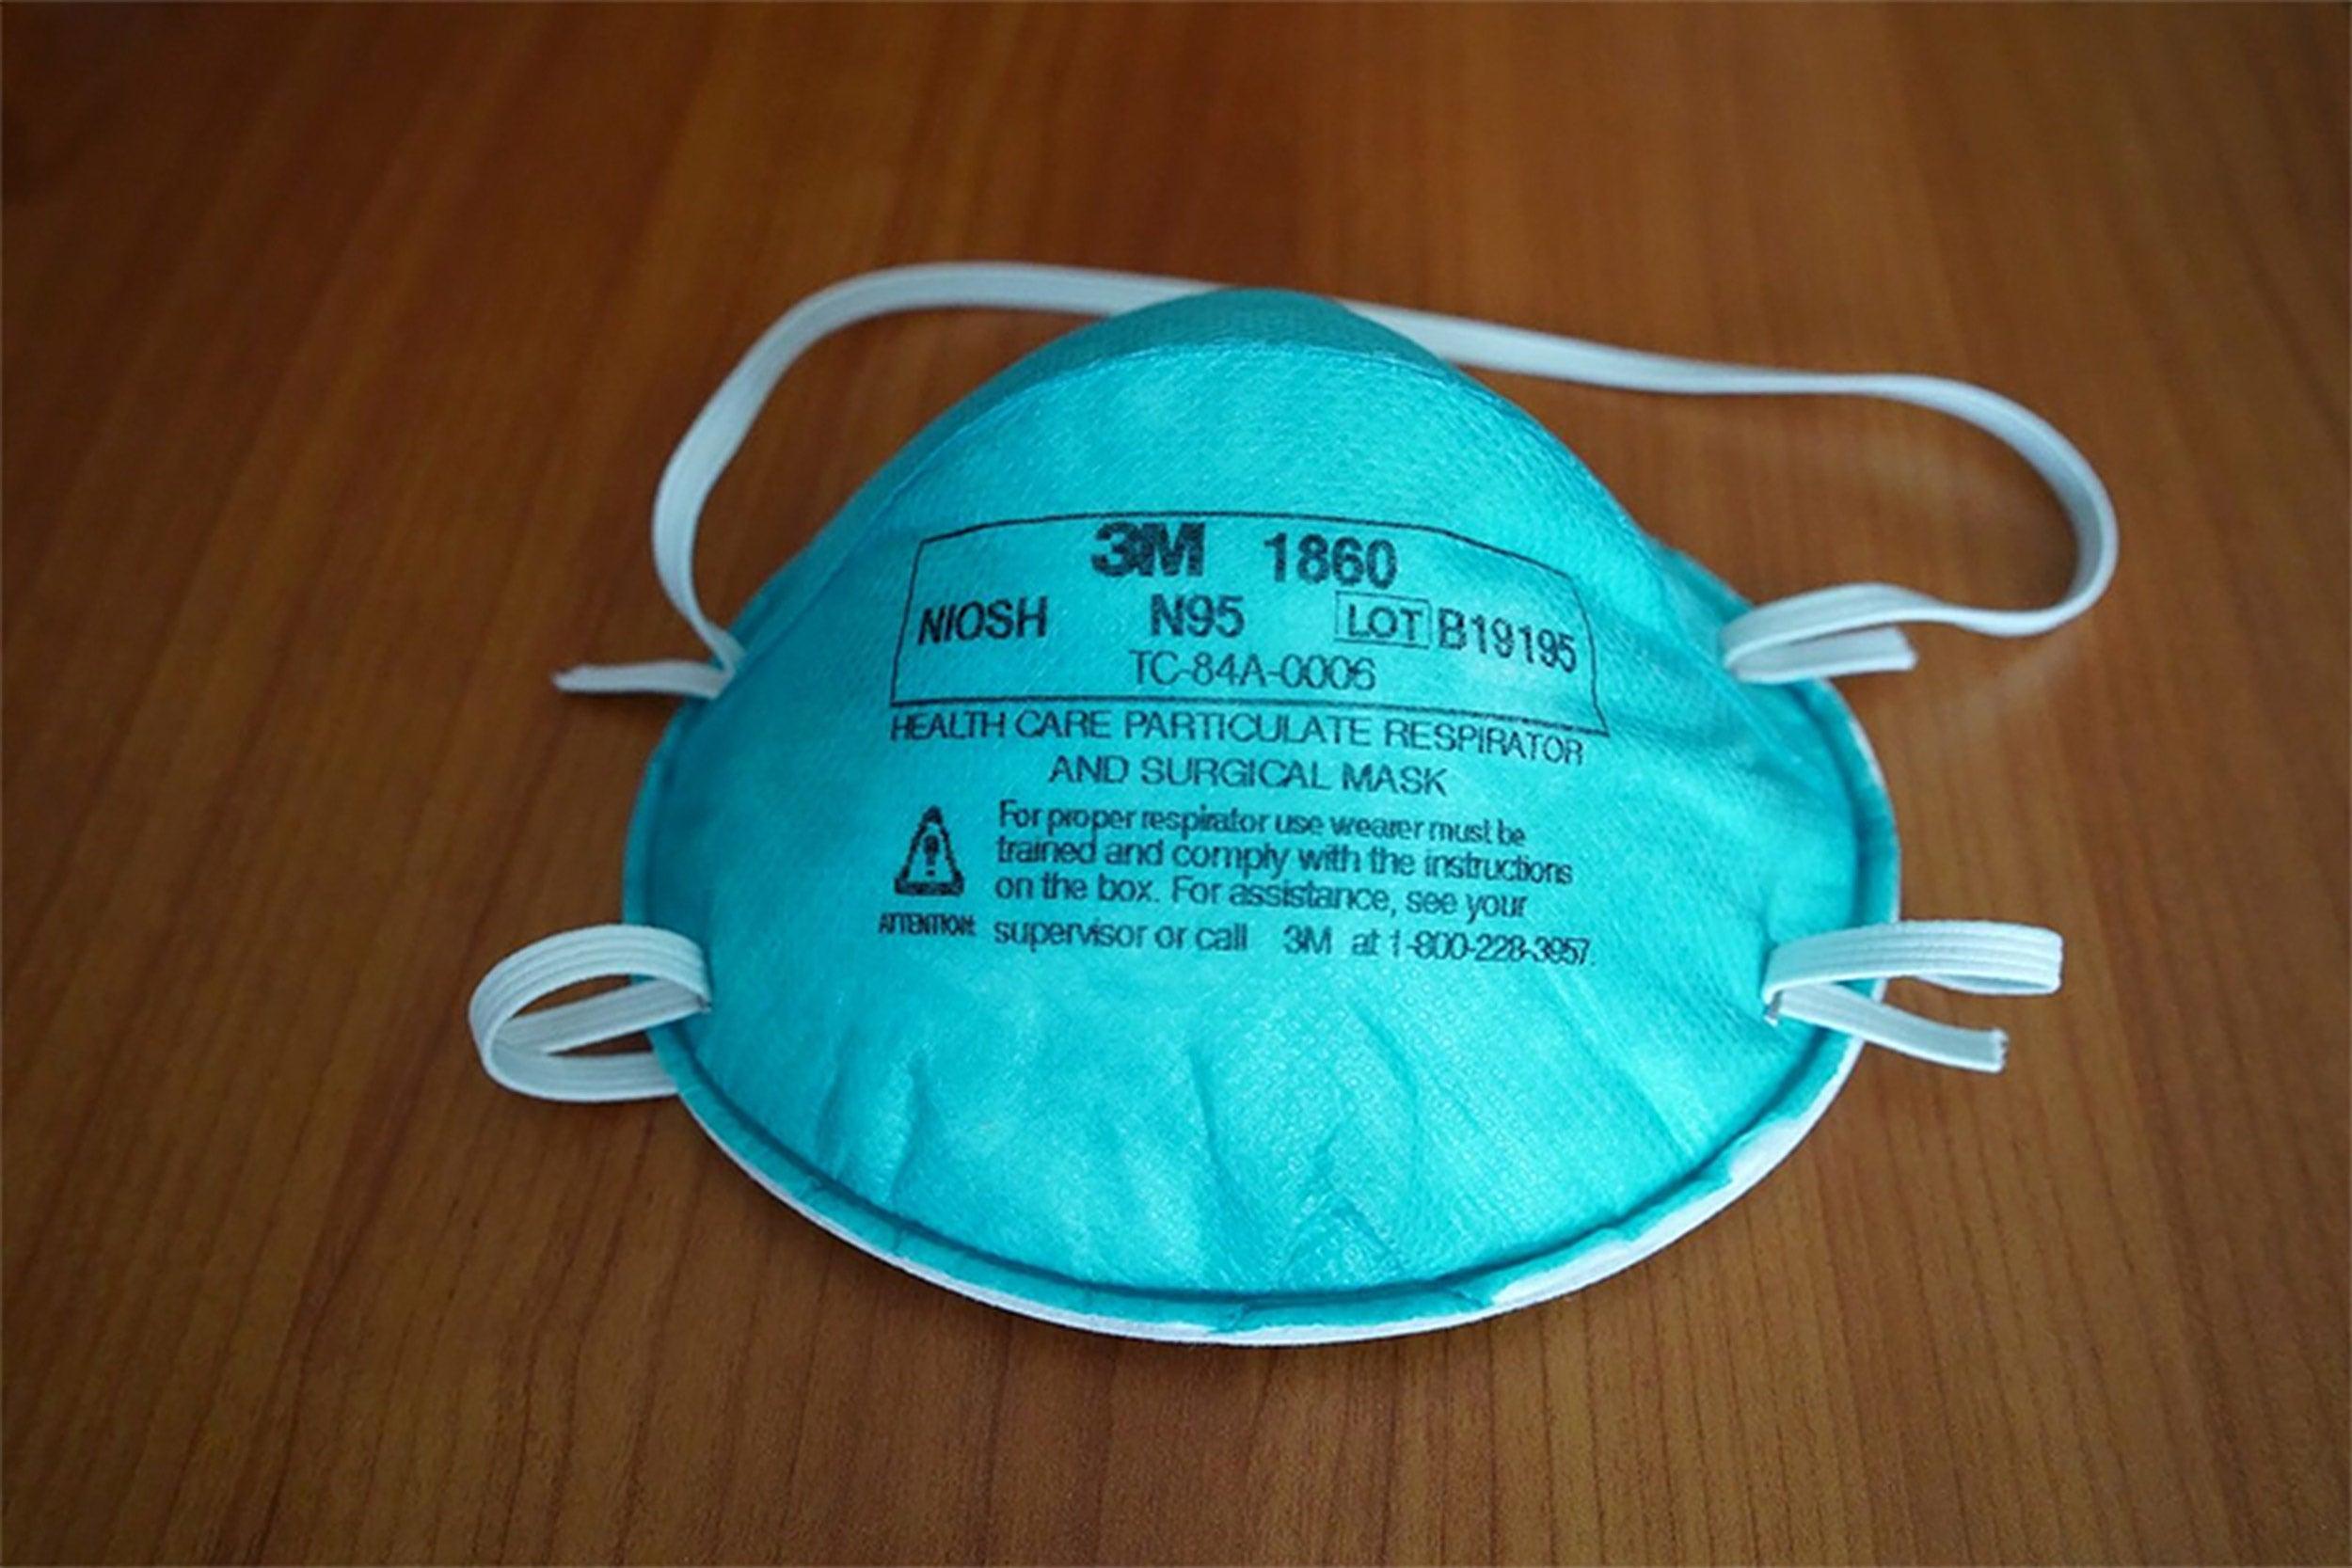 N95 mask.